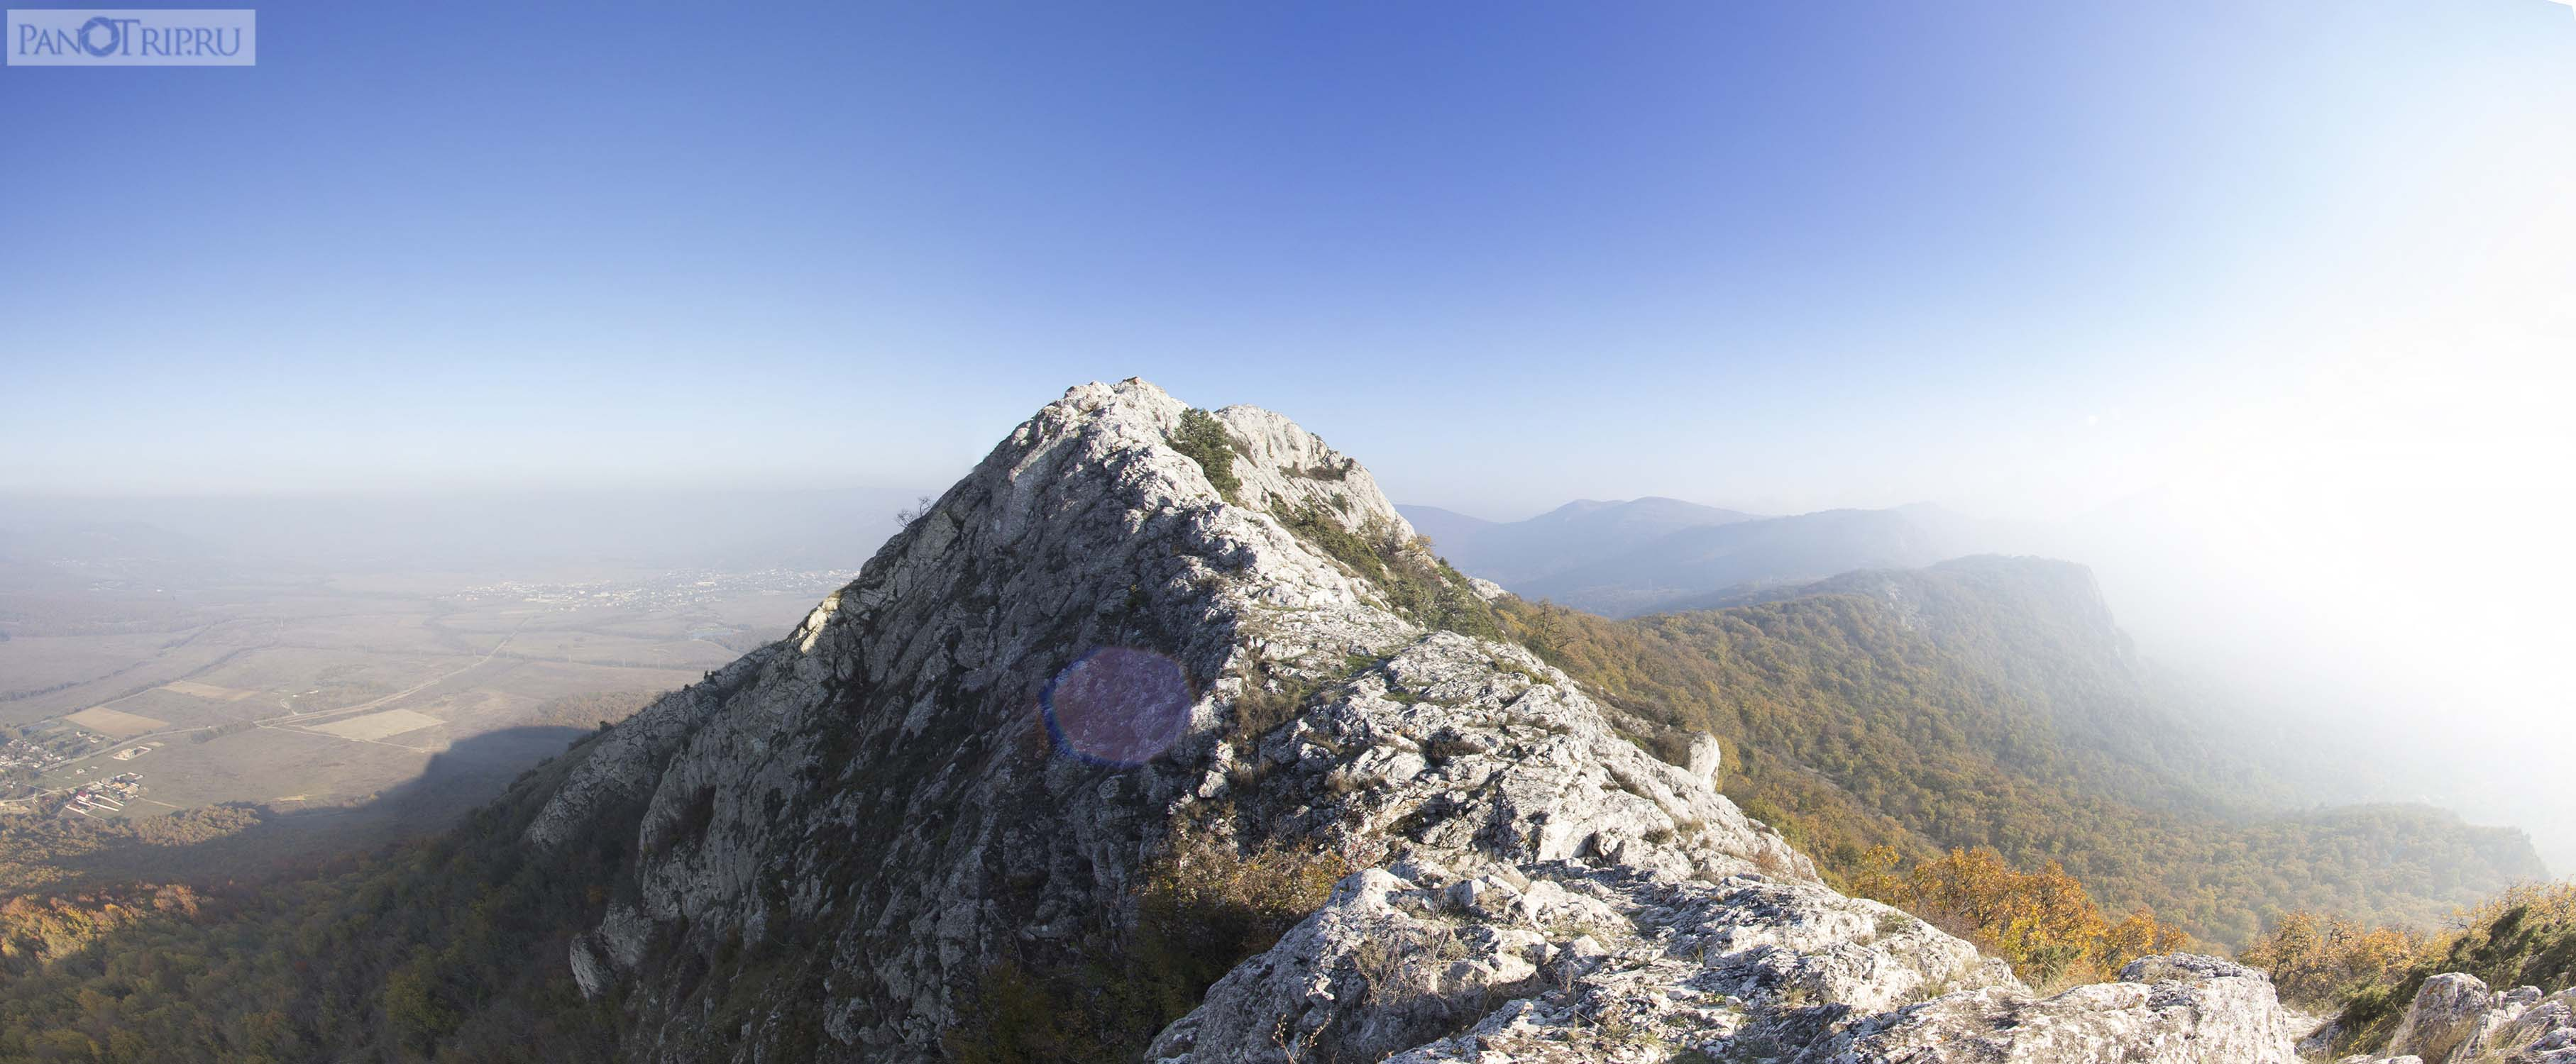 Donguz-Orun